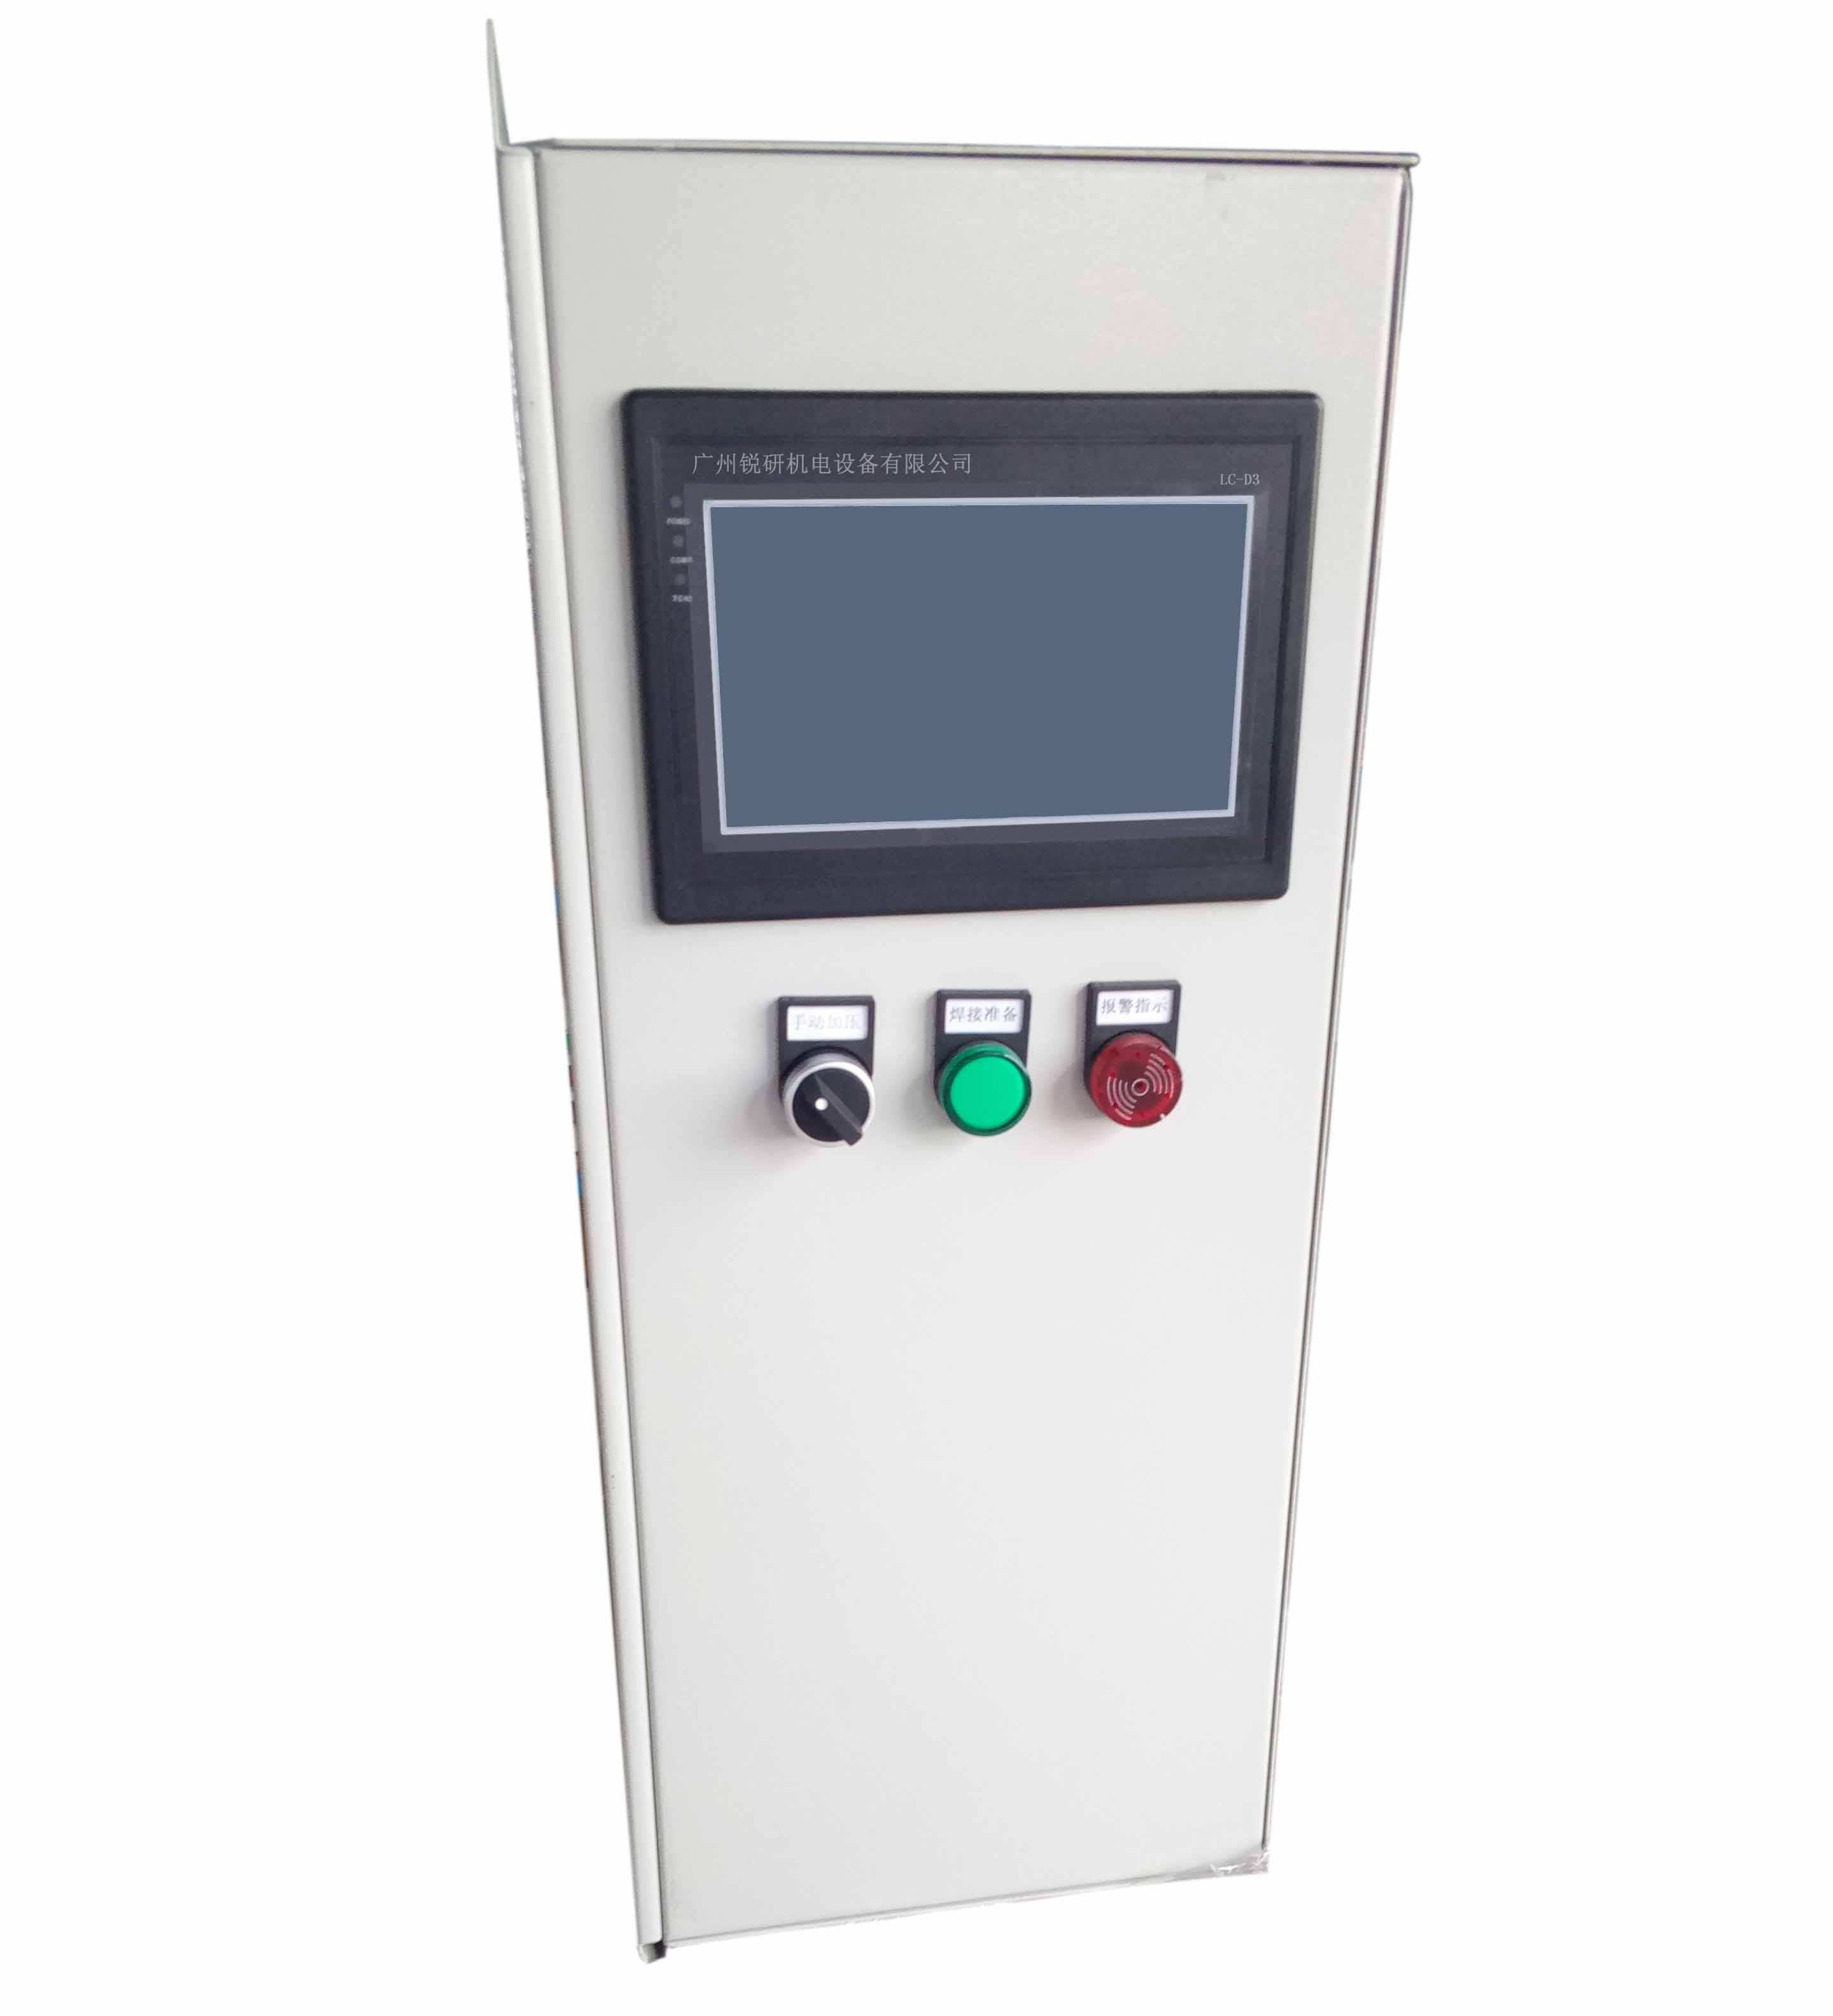 中频逆变控制器(LC-D3)